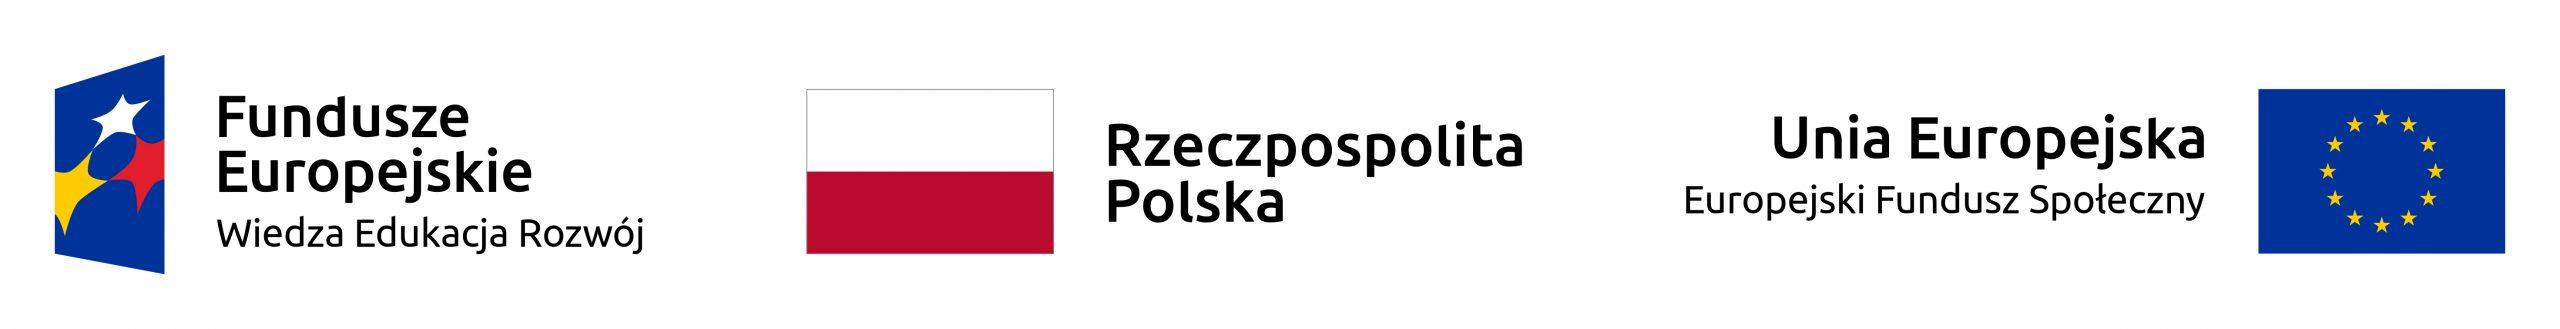 Logotypy UE i PL